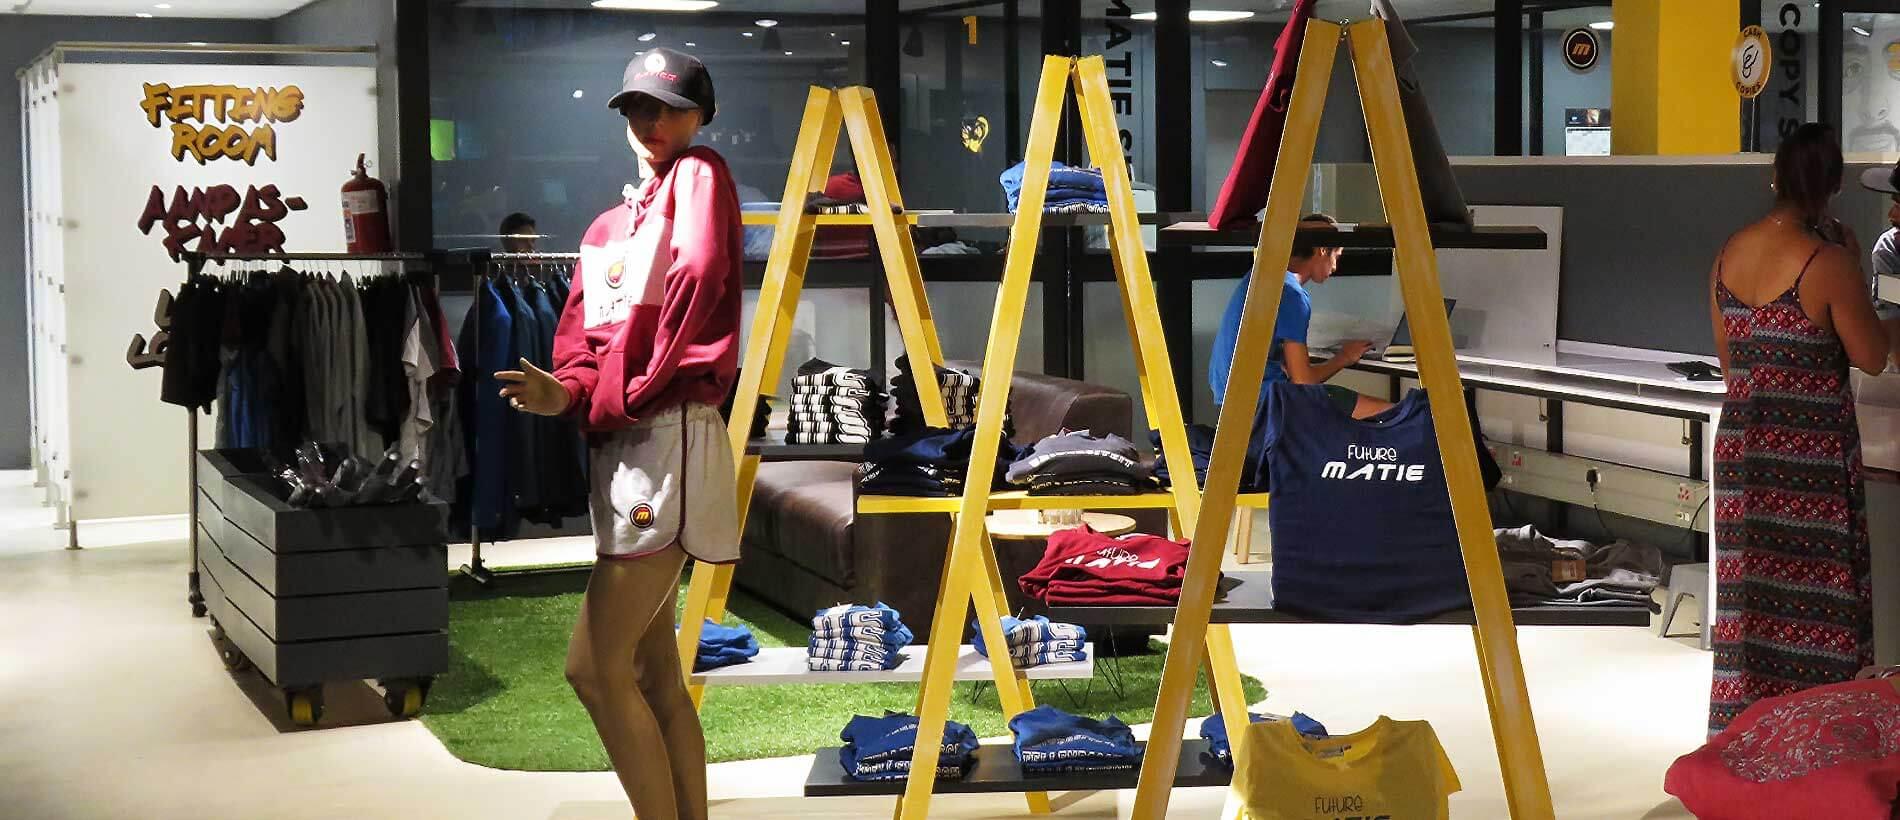 4id Retail design